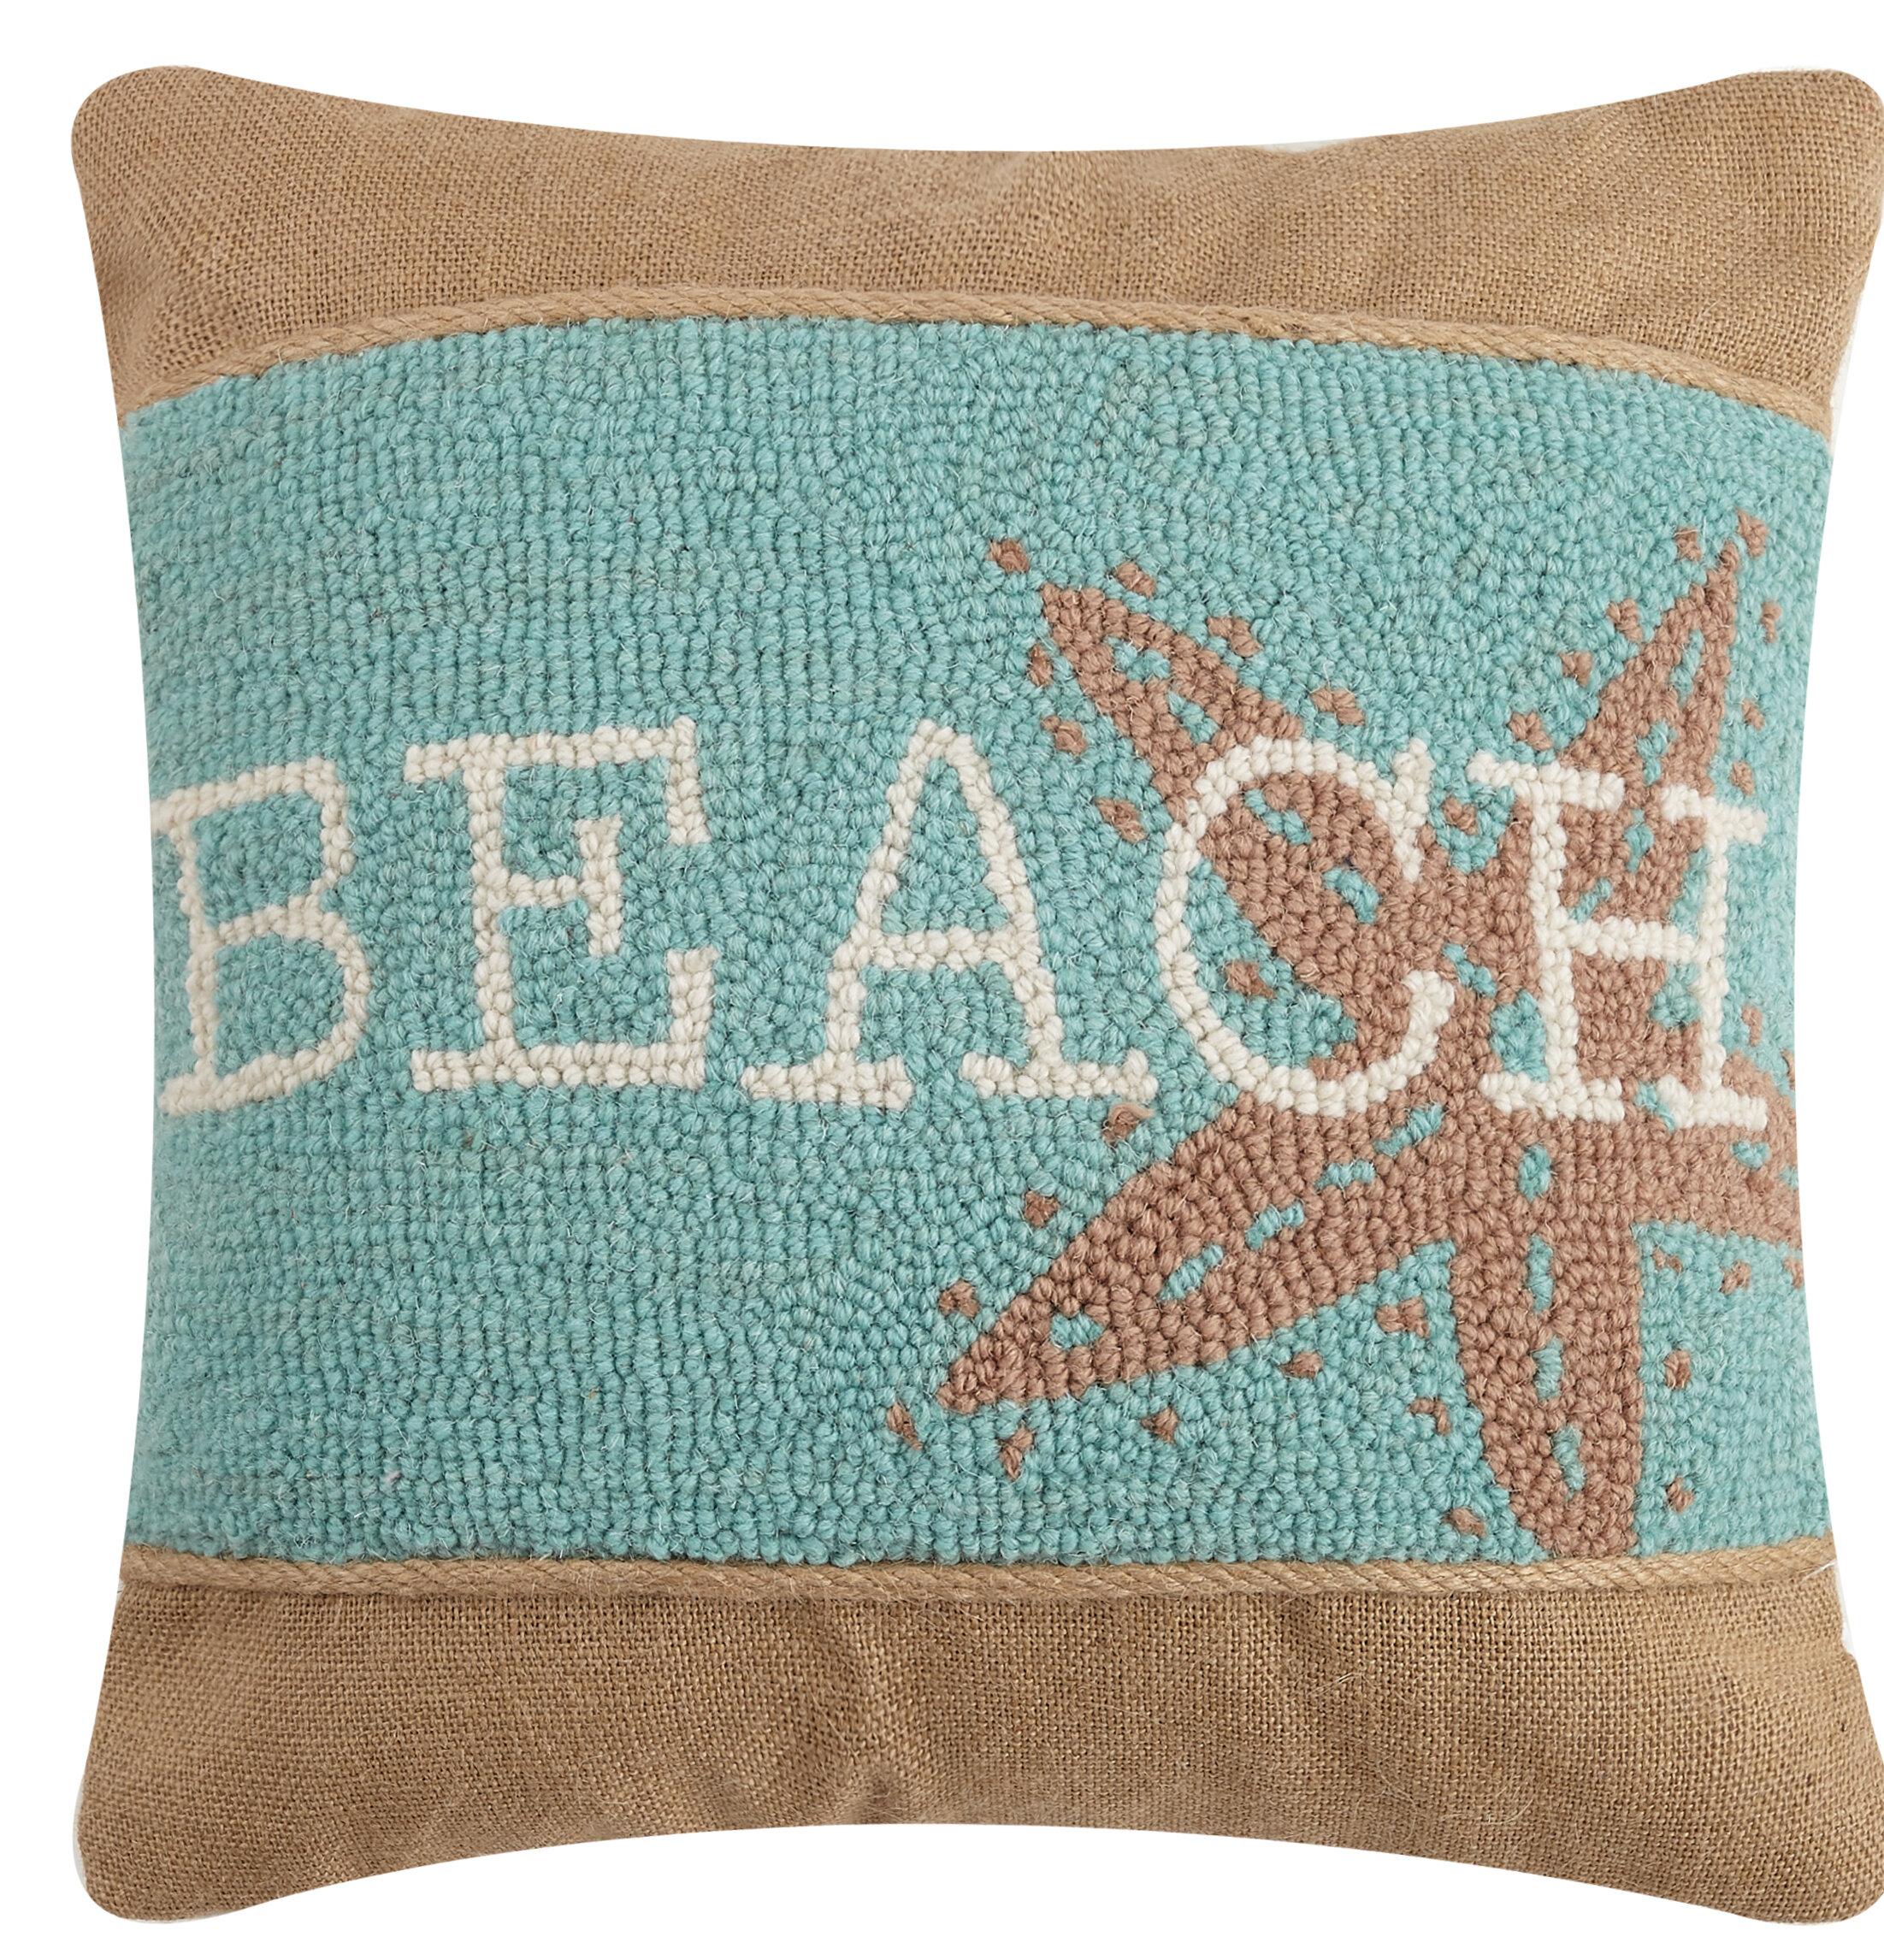 Nautical Beach Teal Throw Pillows You Ll Love In 2021 Wayfair